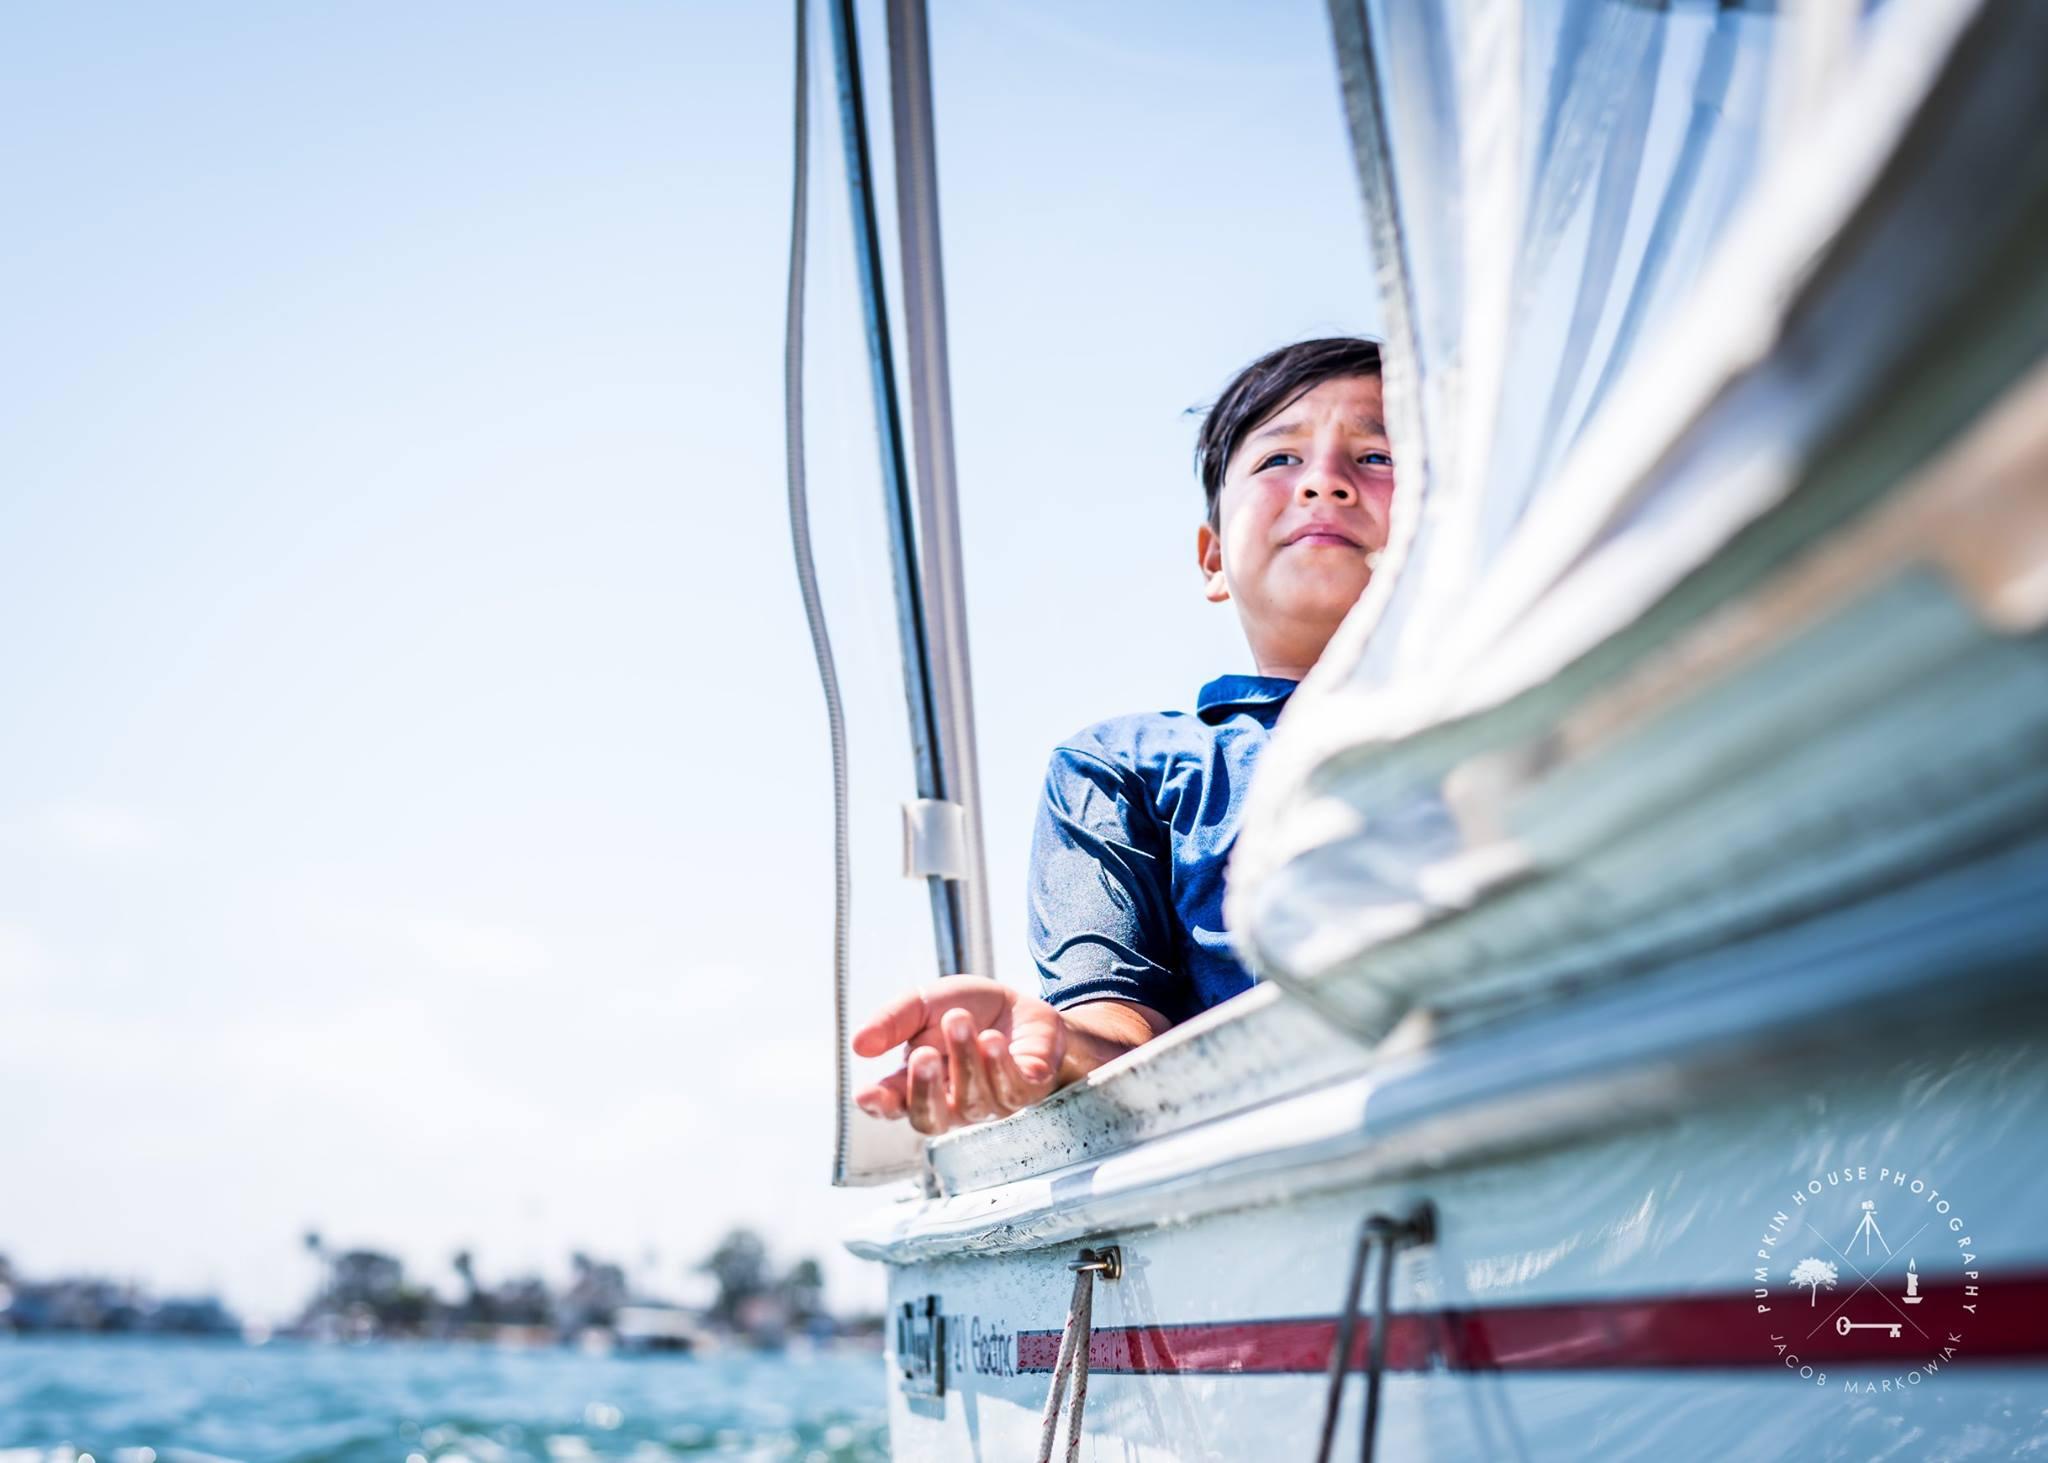 [sail] away